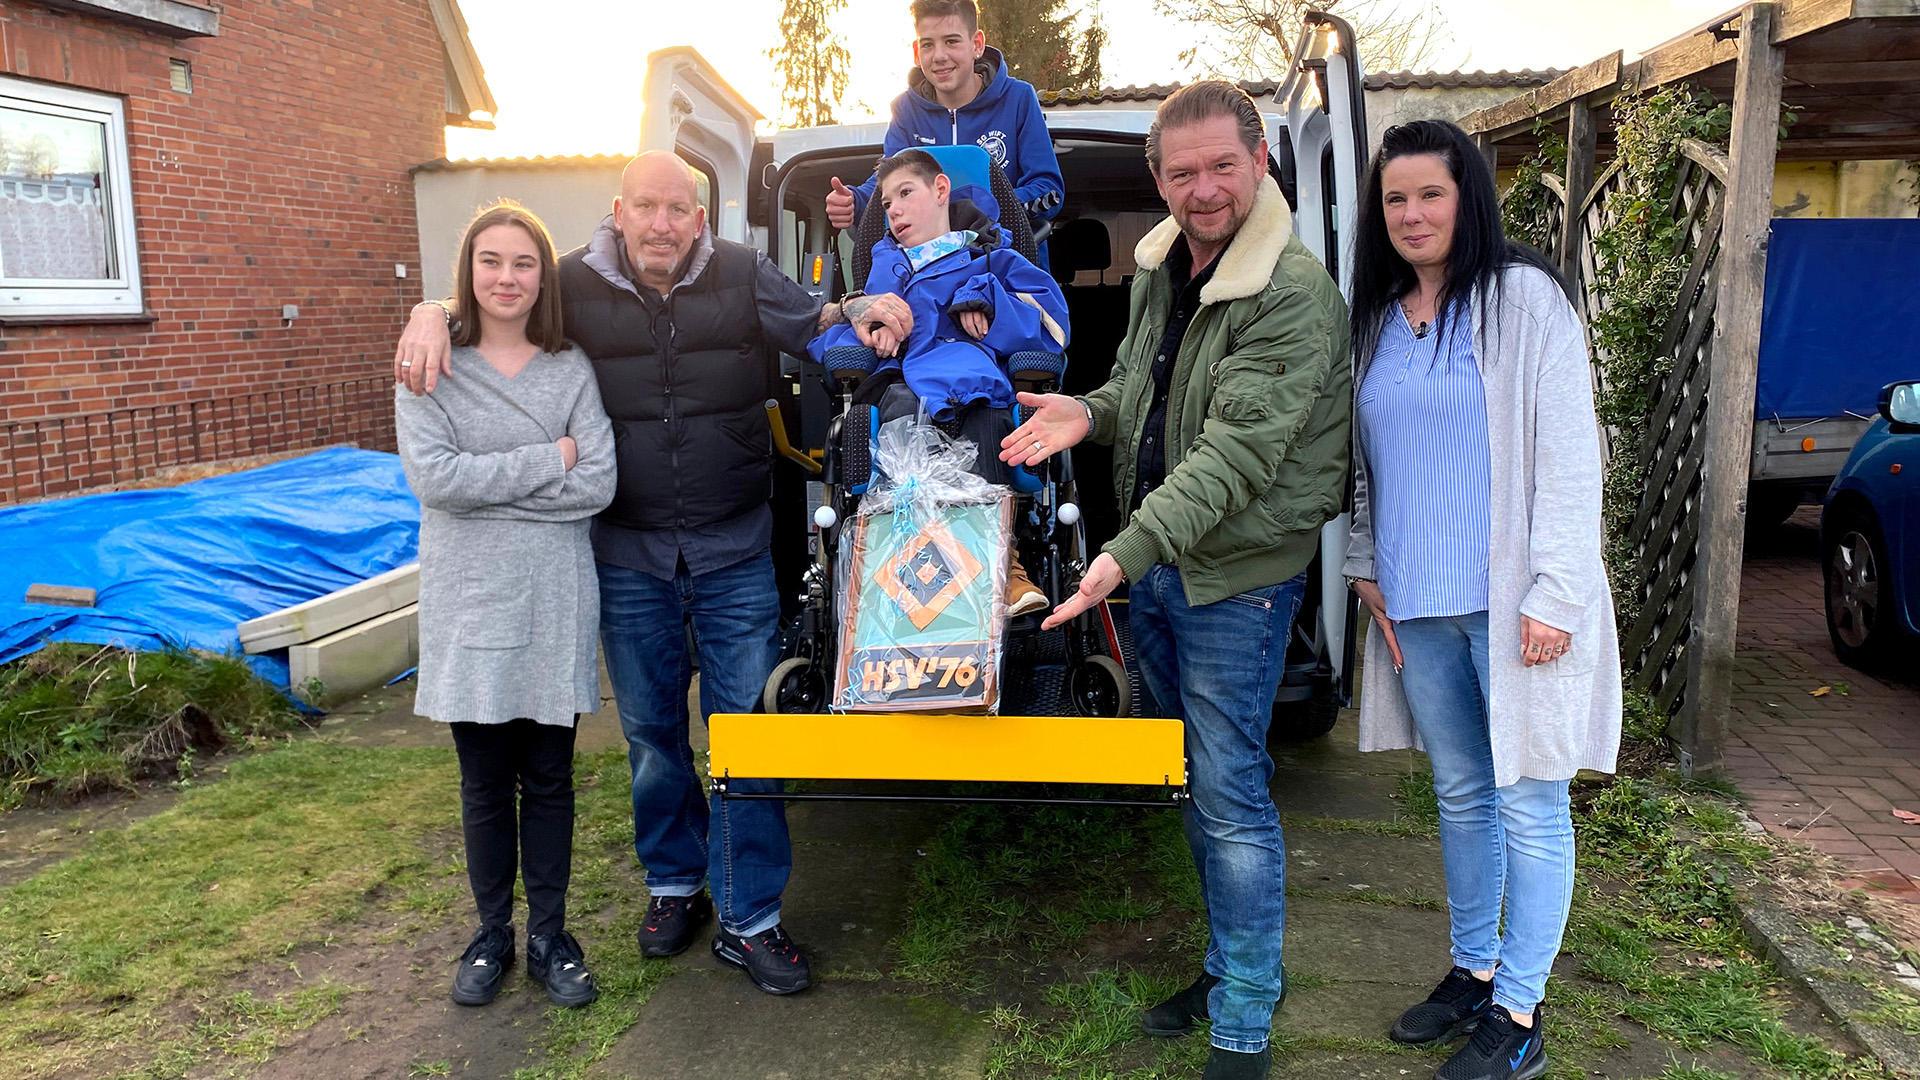 Behindertengerechtes Fahrzeug für Patchwork-Familie   Folge 15